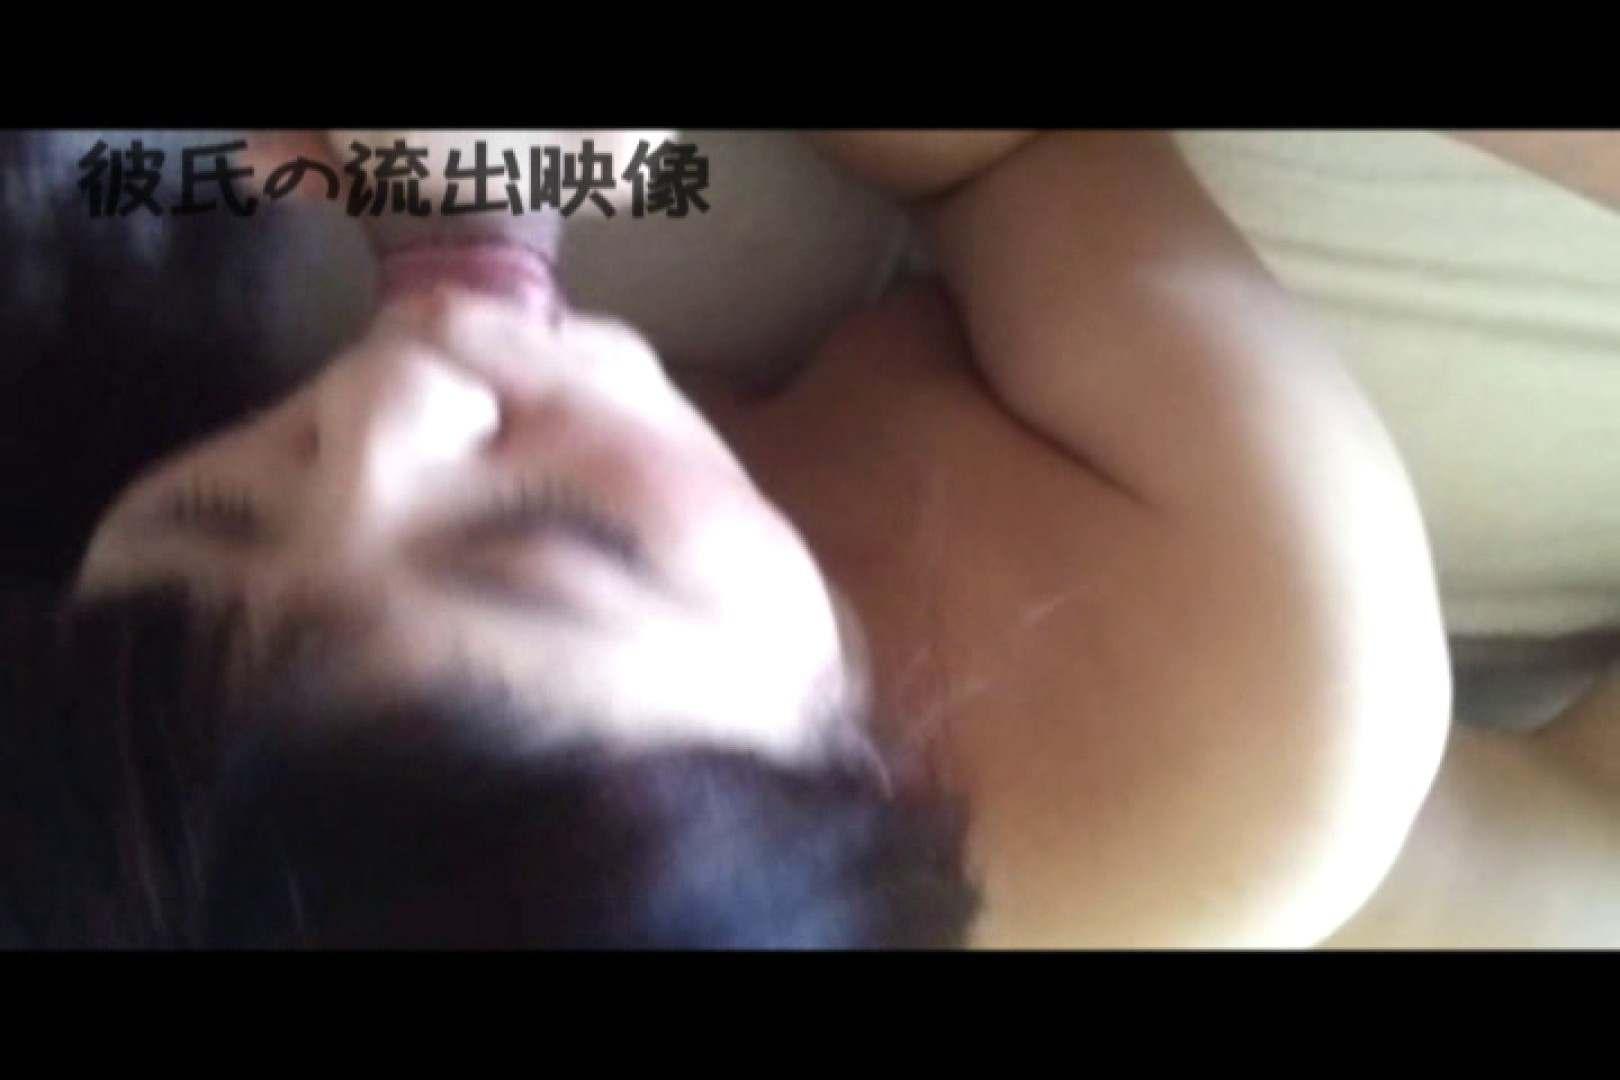 彼氏が流出 パイパン素人嬢のハメ撮り映像03 カップル | 可愛いパイパン  92pic 90